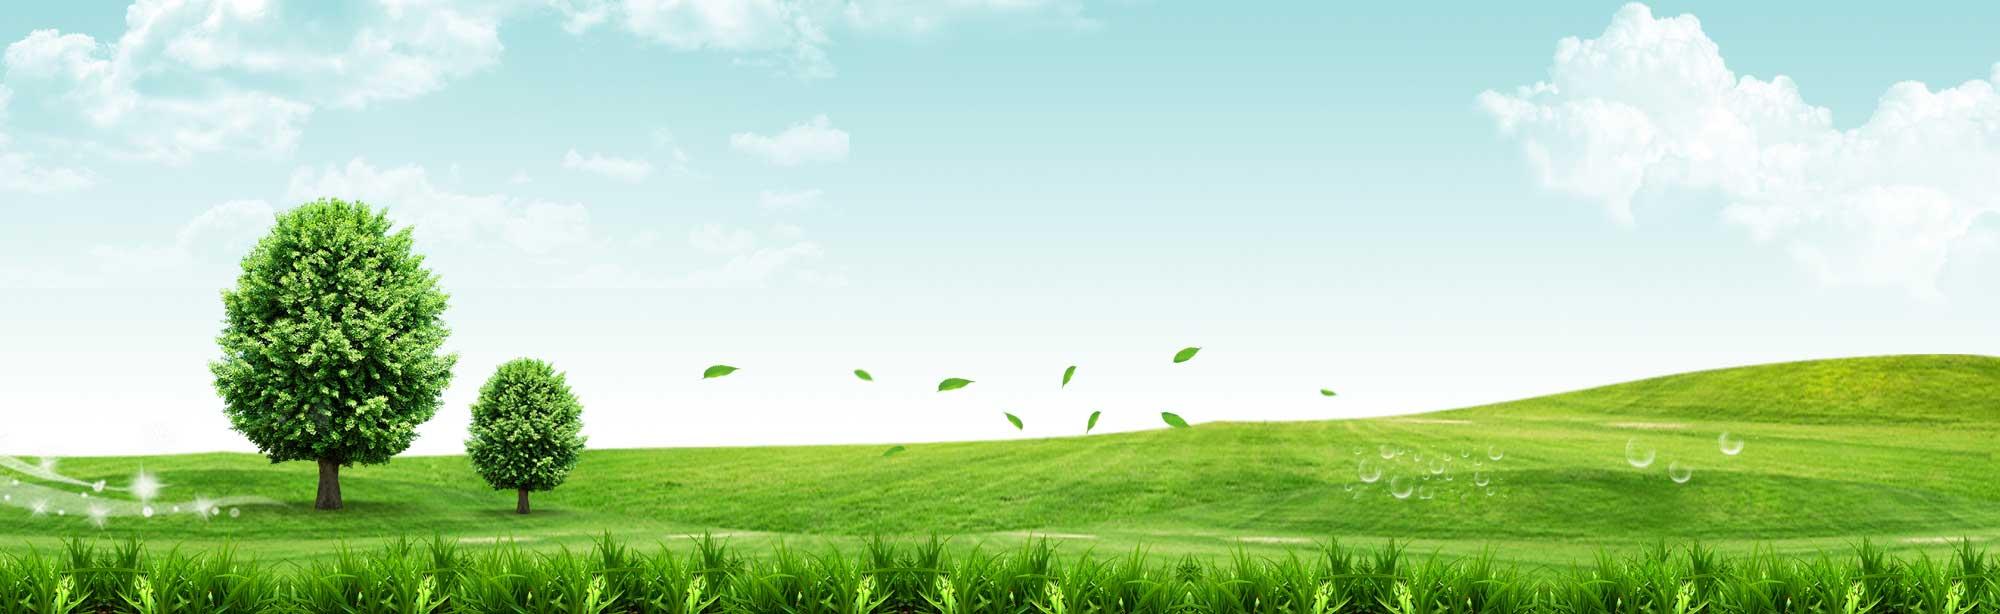 有机保温材料有哪些,有机保温材料的优缺点